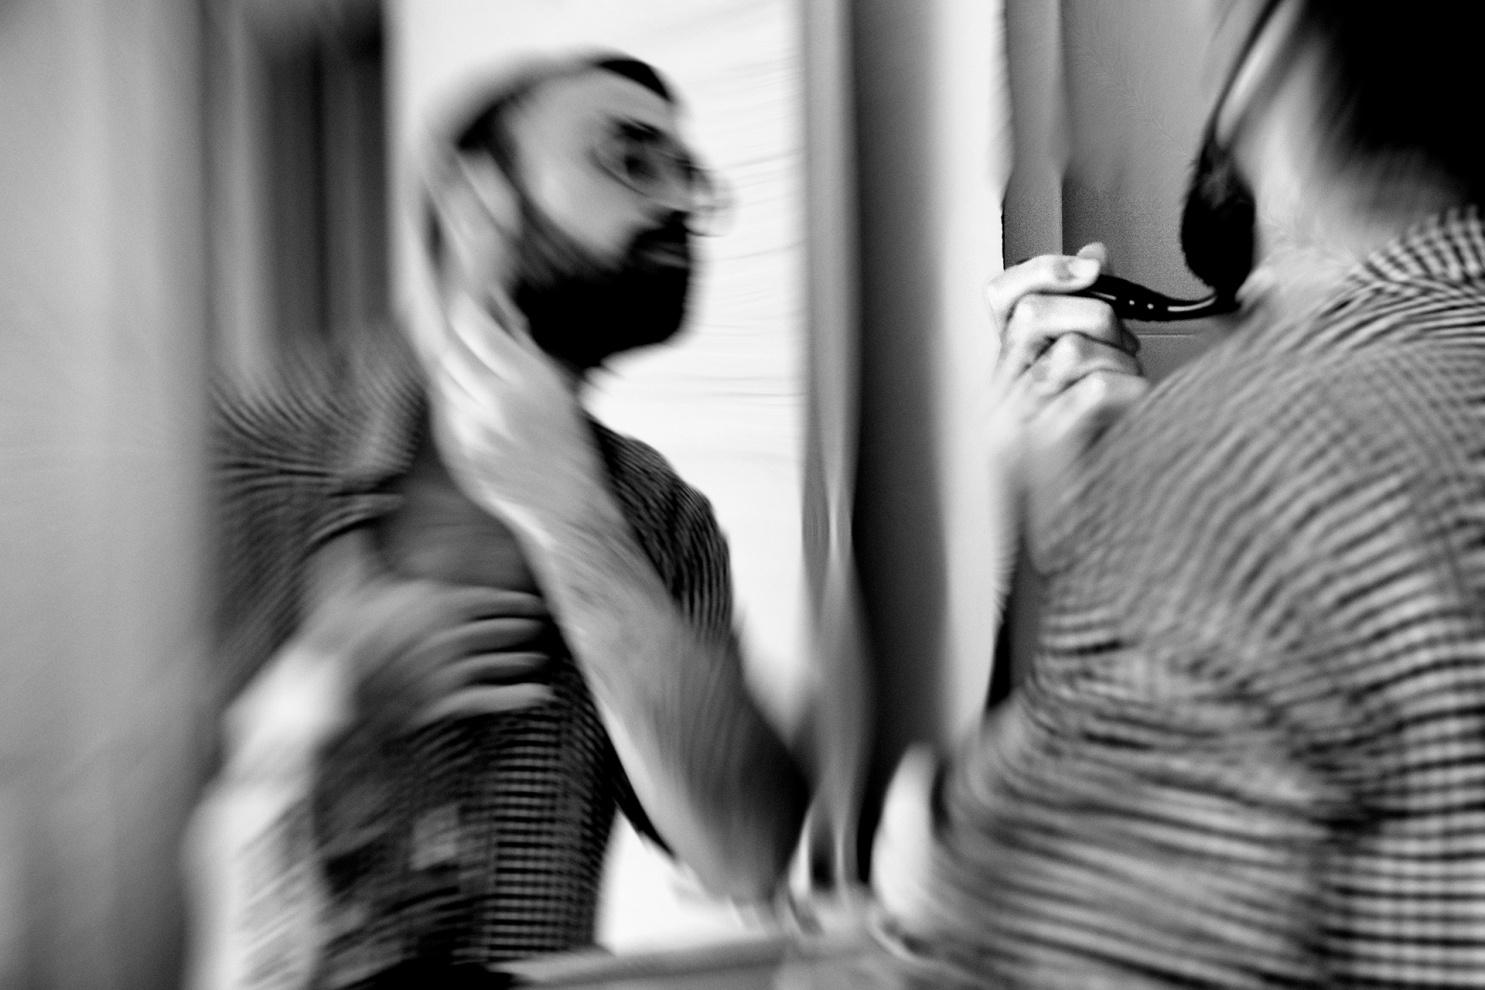 Sistemazione, Trapani, 2017. © Salvatore Titoni.